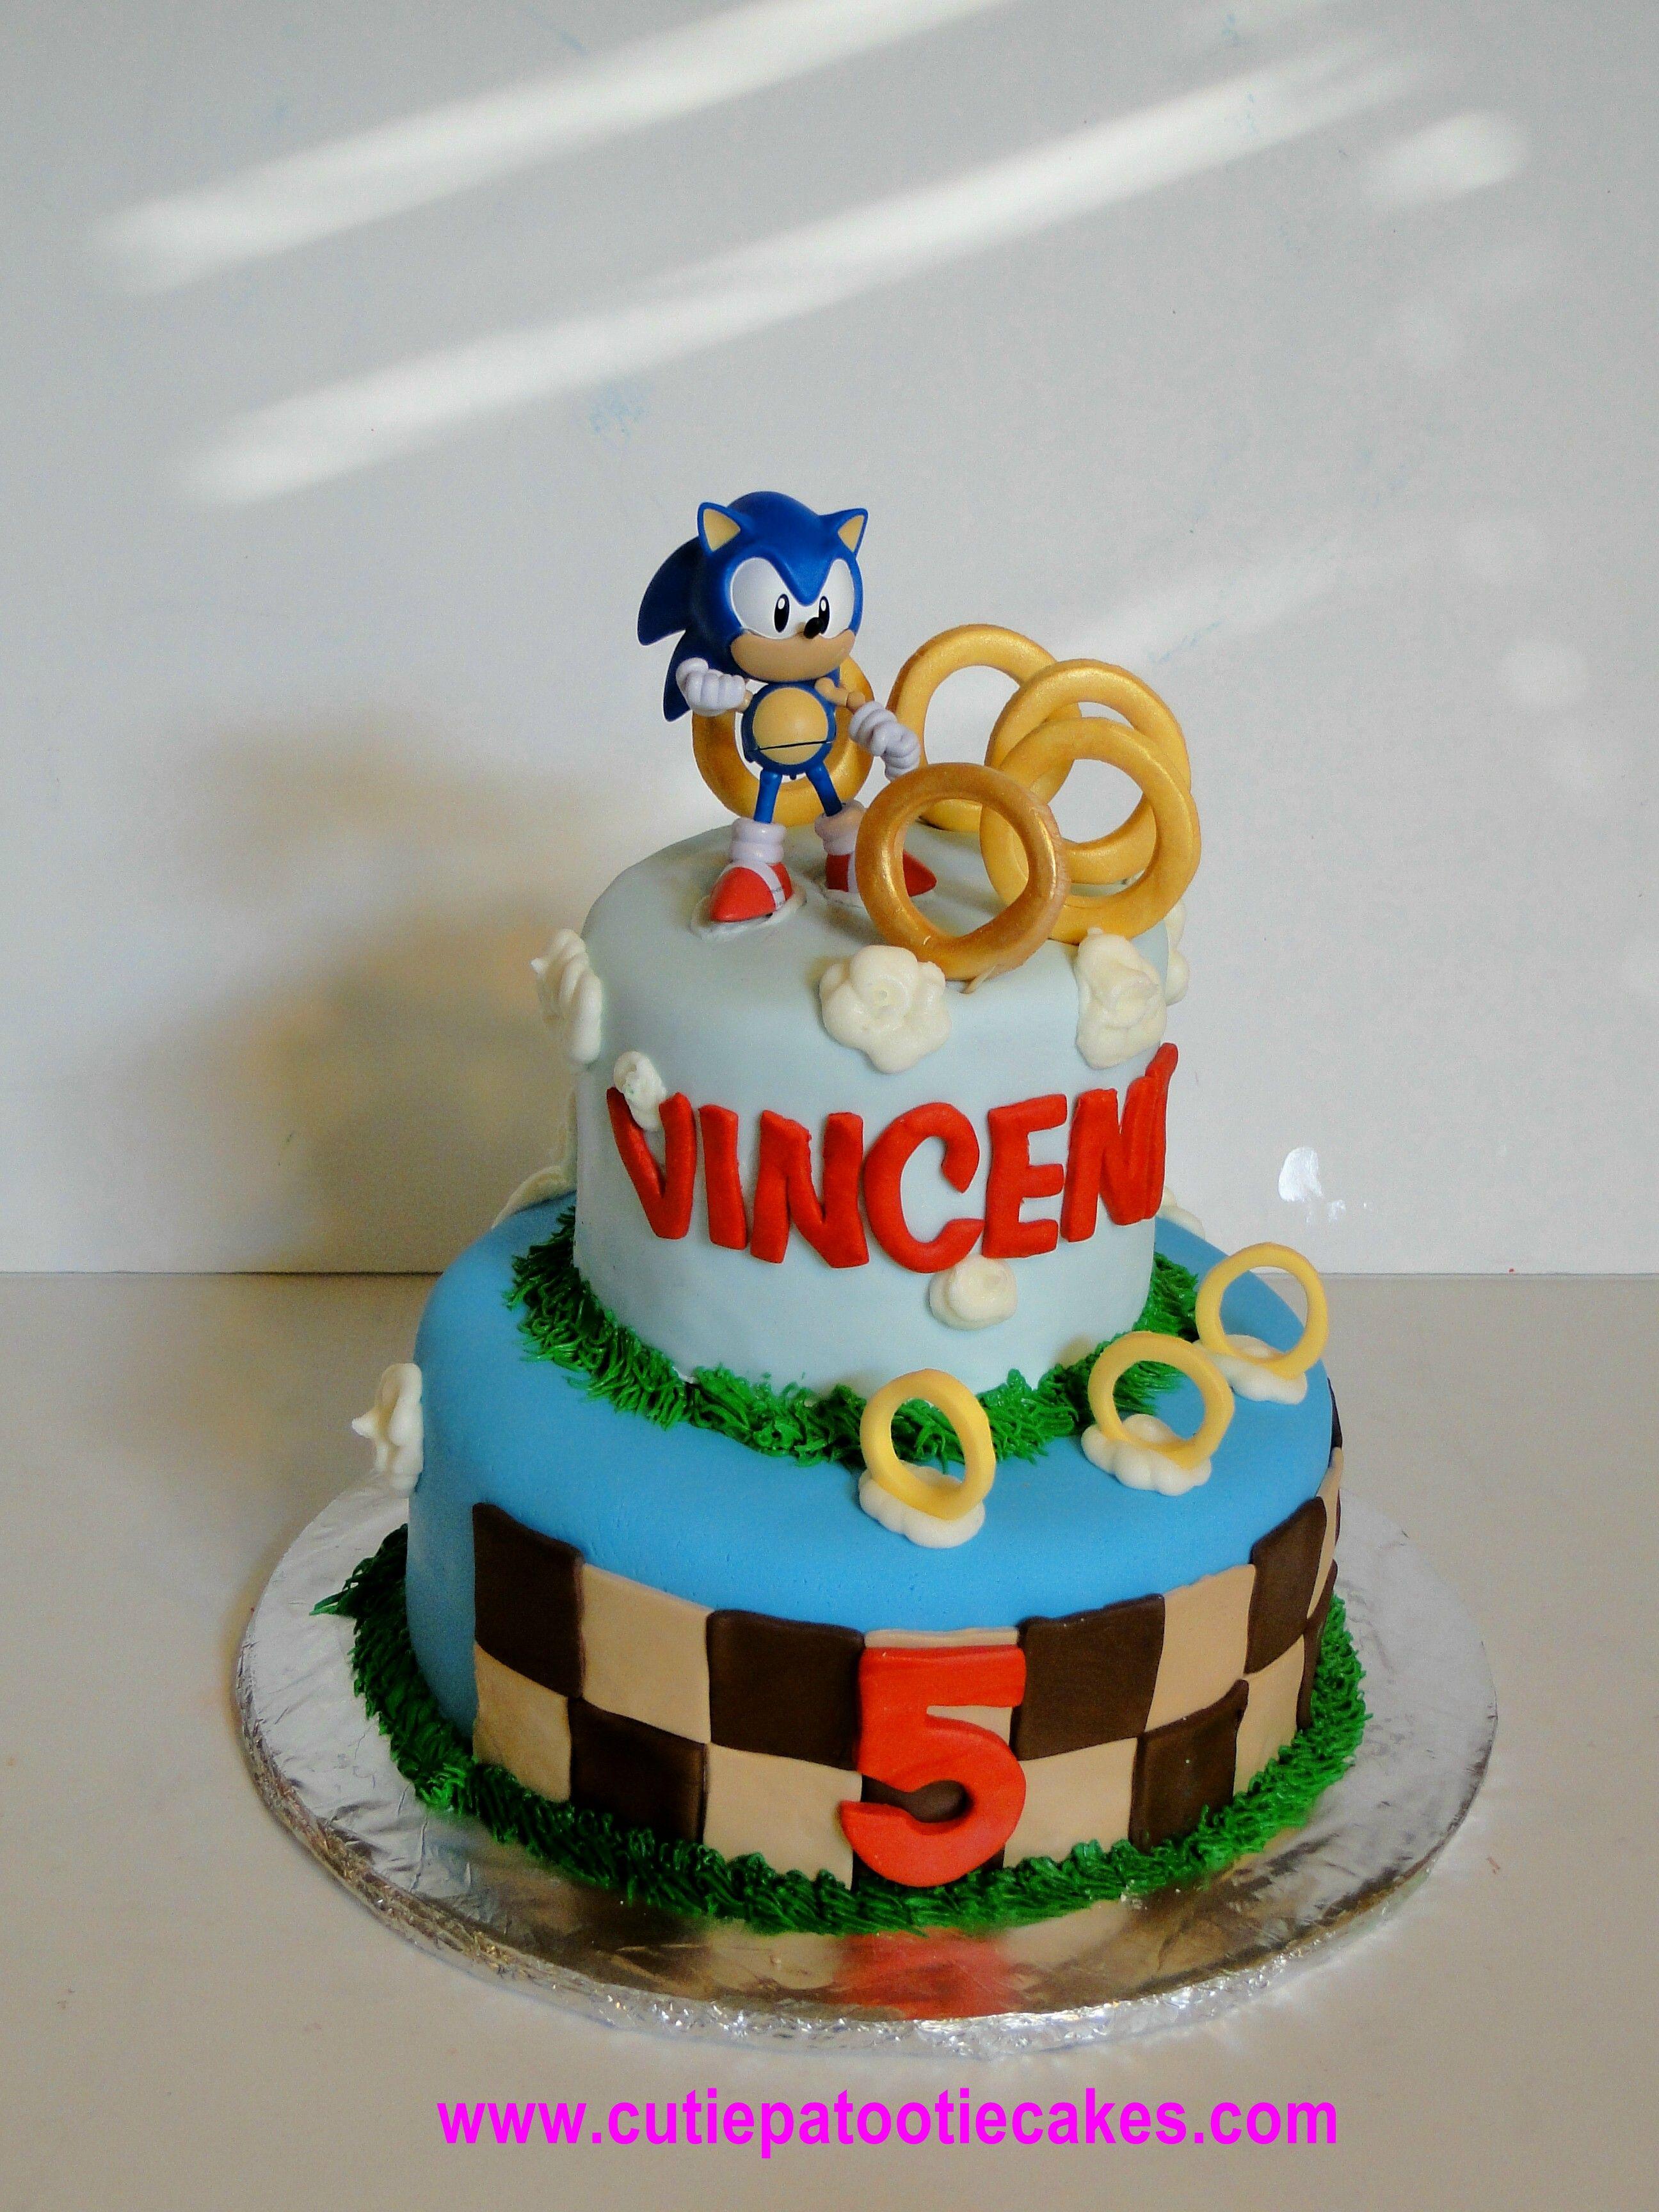 Pin de qtpatootie cakes en cakes and cupcakes pasteles